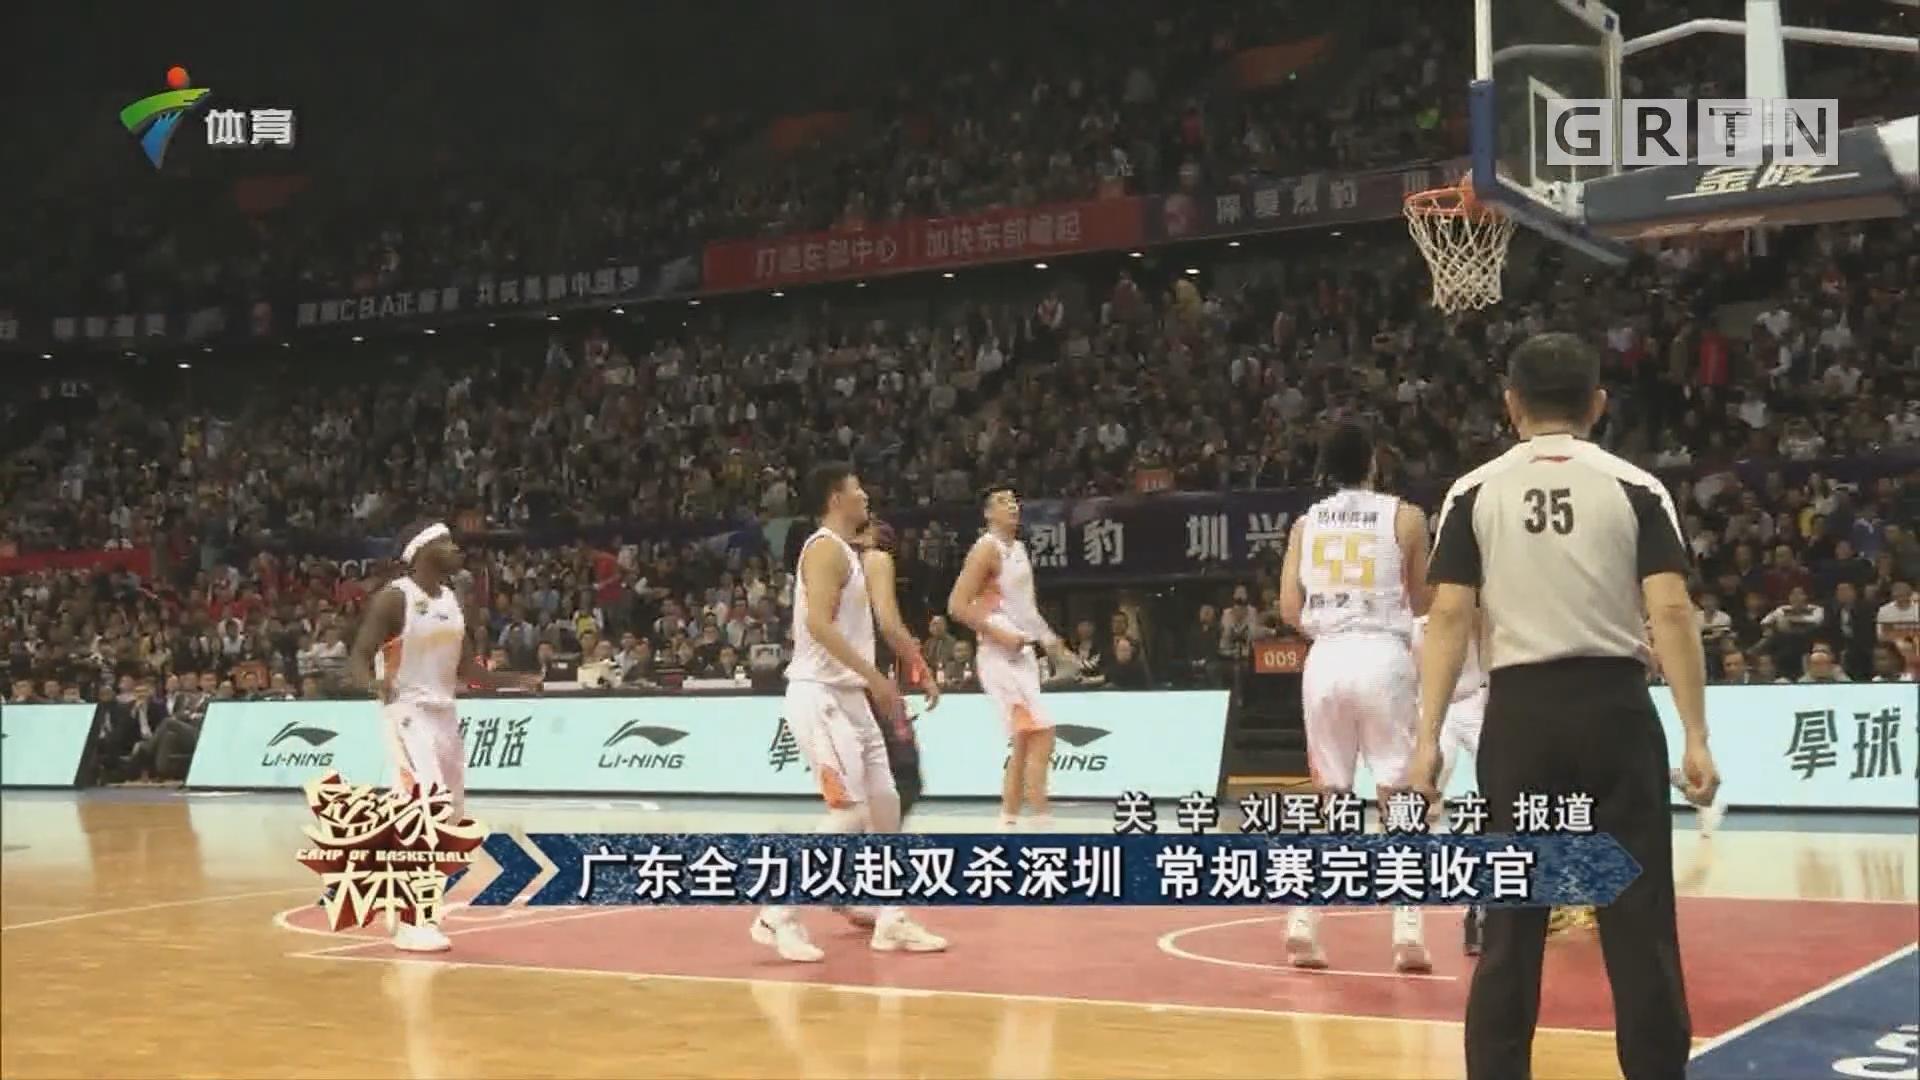 广东全力以赴双杀深圳 常规赛完美收官